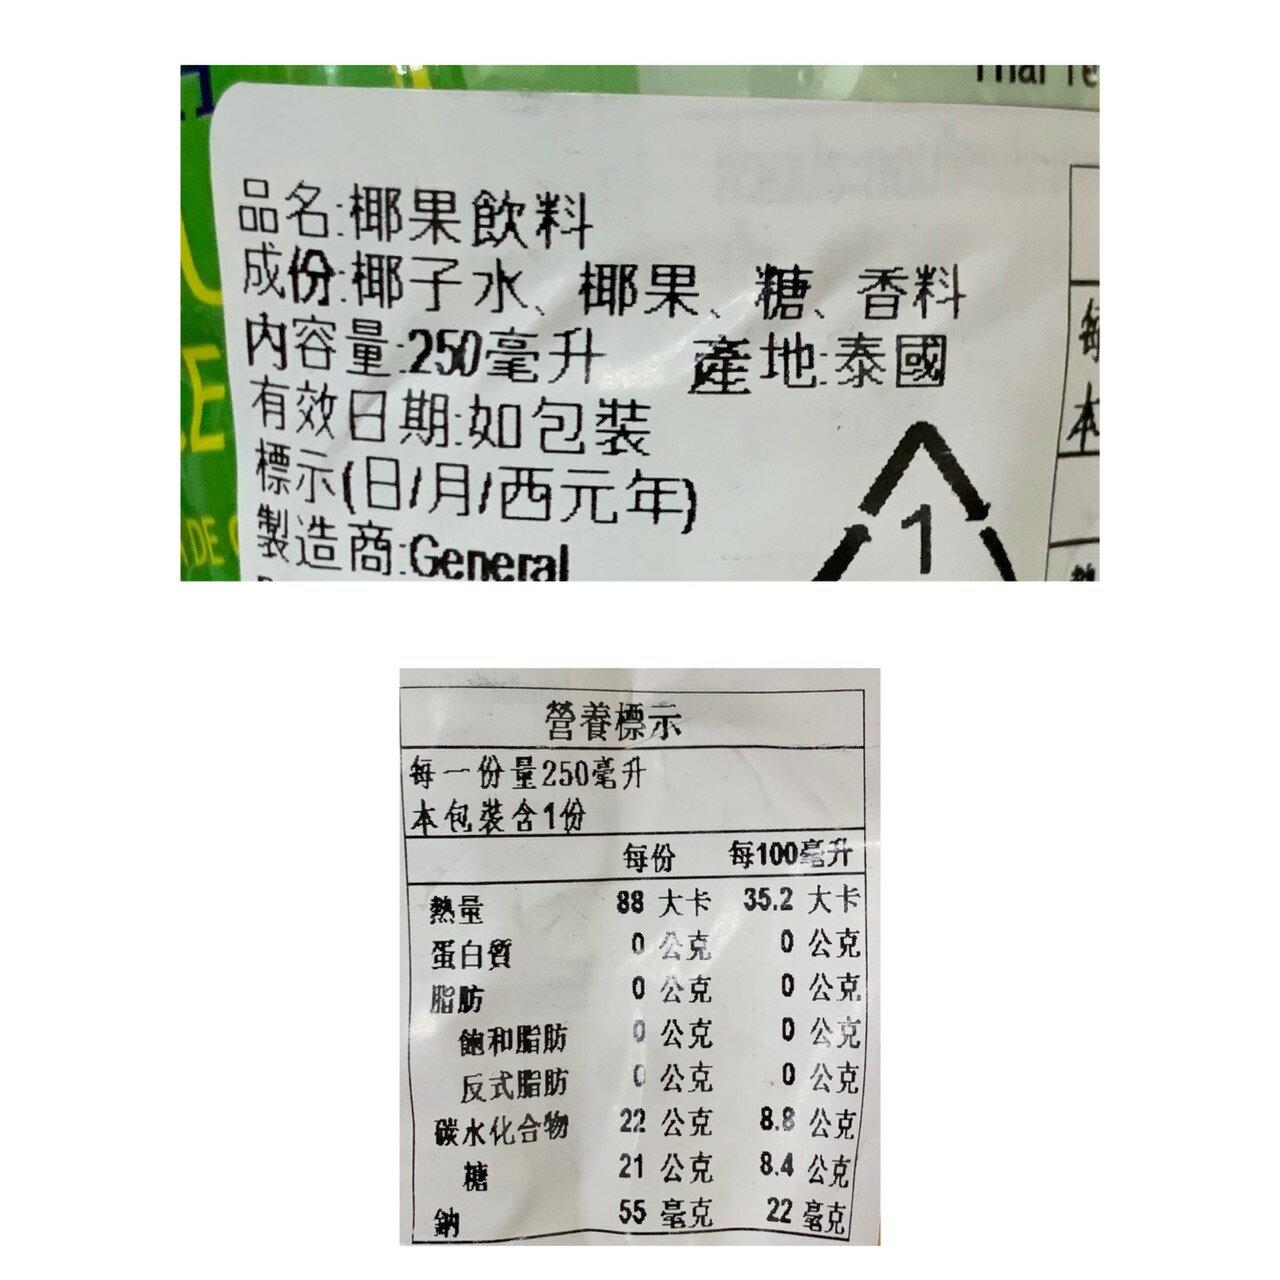 {泰菲印越} 泰國 thai teh 椰果飲料 250 毫升 有椰果的